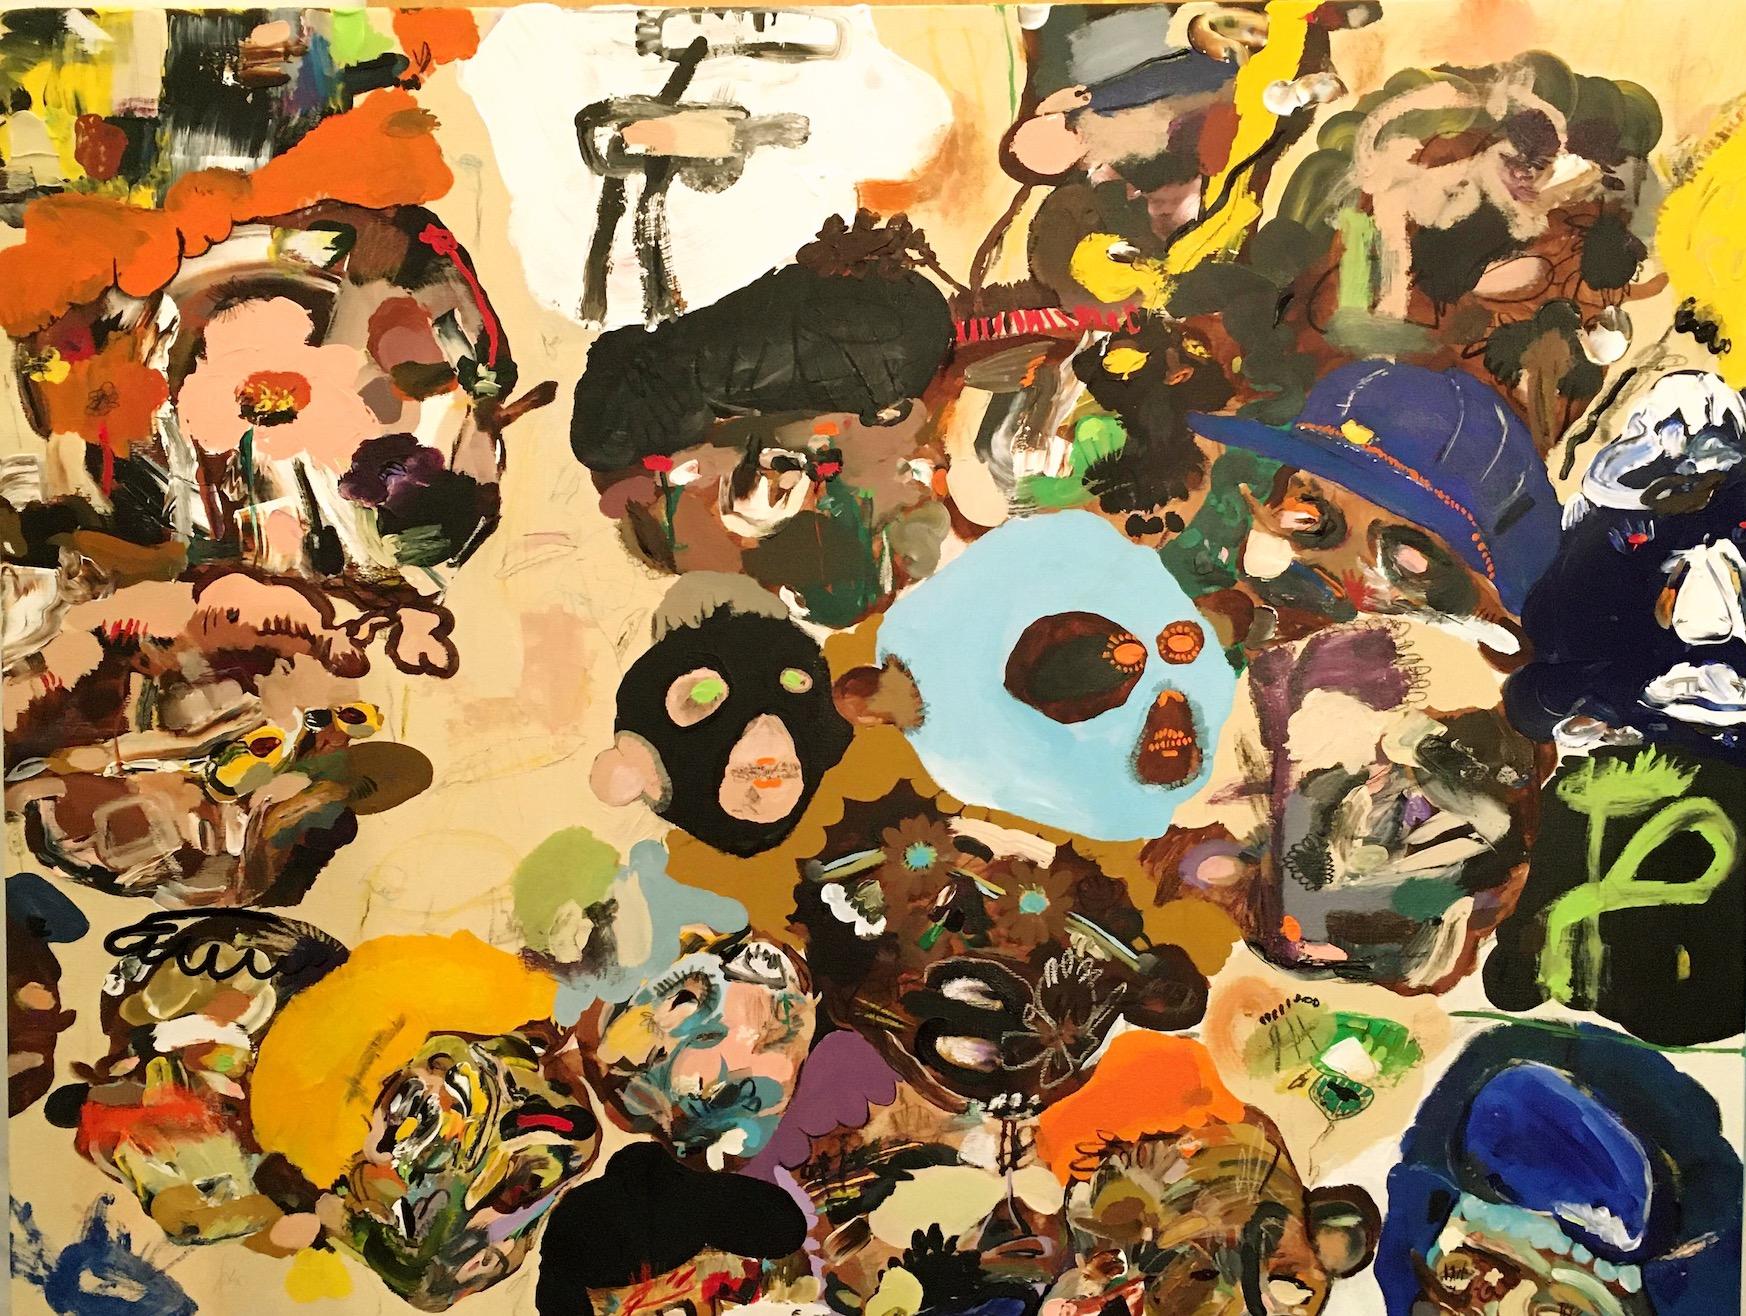 WATOWA gallery、⻄武百貨店とコラボし推薦アーティスト9人による展覧会開催